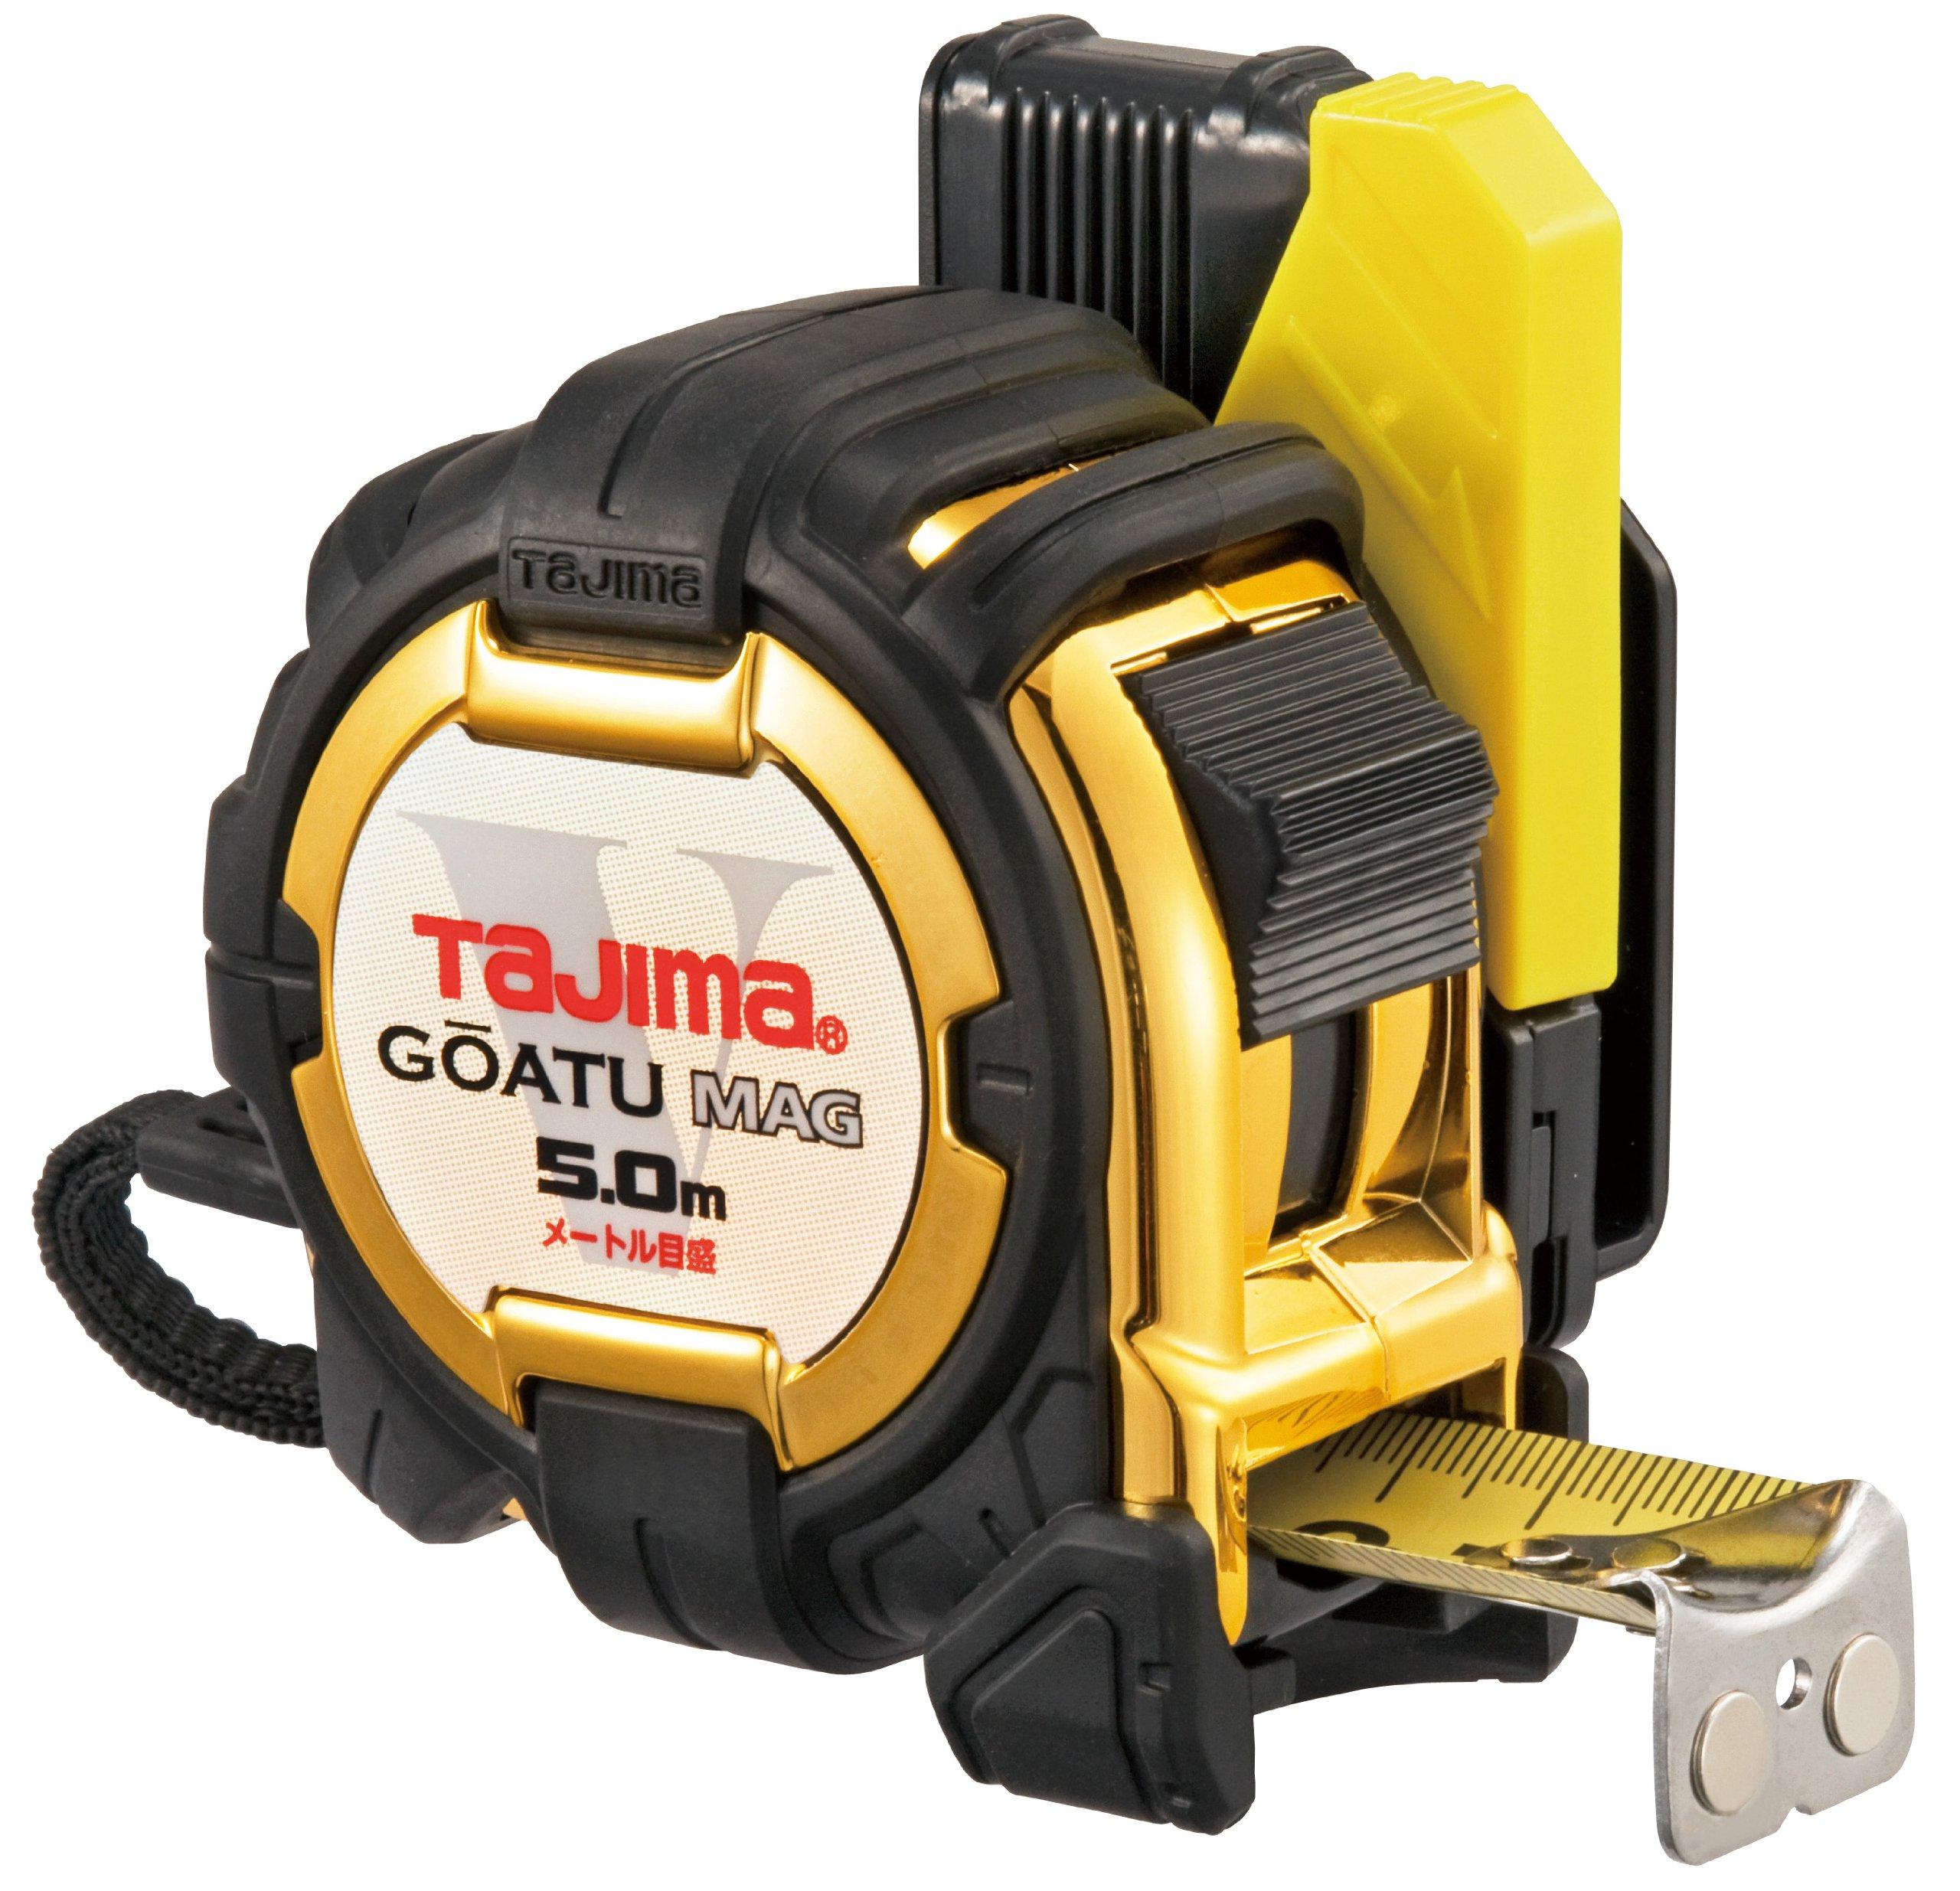 GASFG3GLM25-50BL by Tajima by Tajima